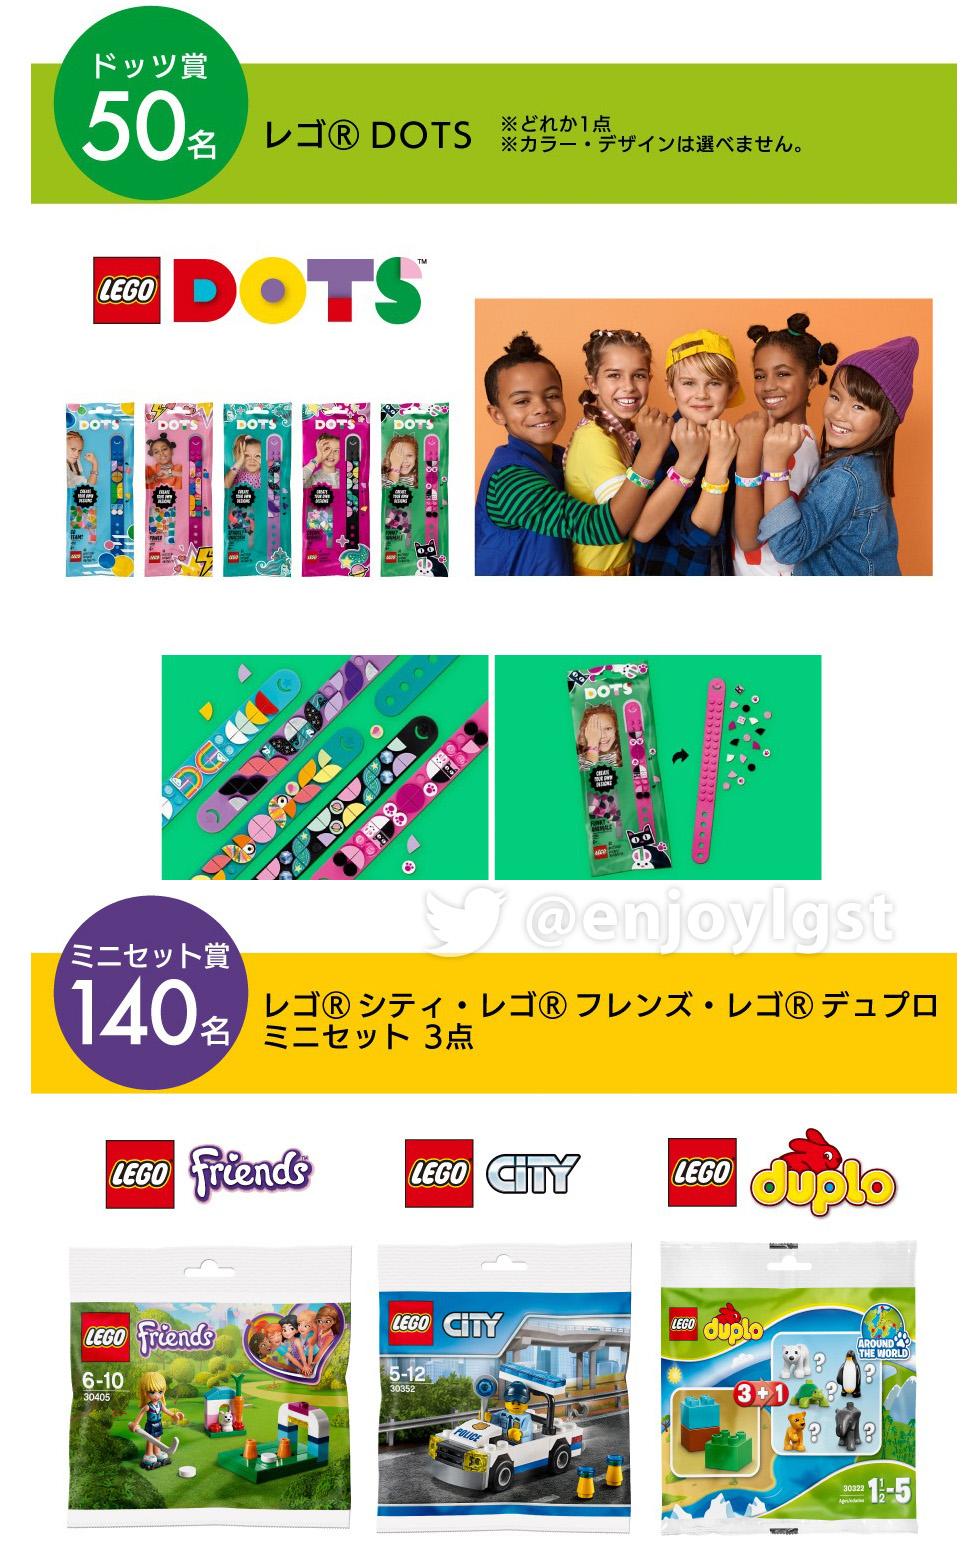 11/30(月)までナルミヤオンラインで豪華レゴプレゼント実施中!子供服買ってレゴをもらおう(2020)